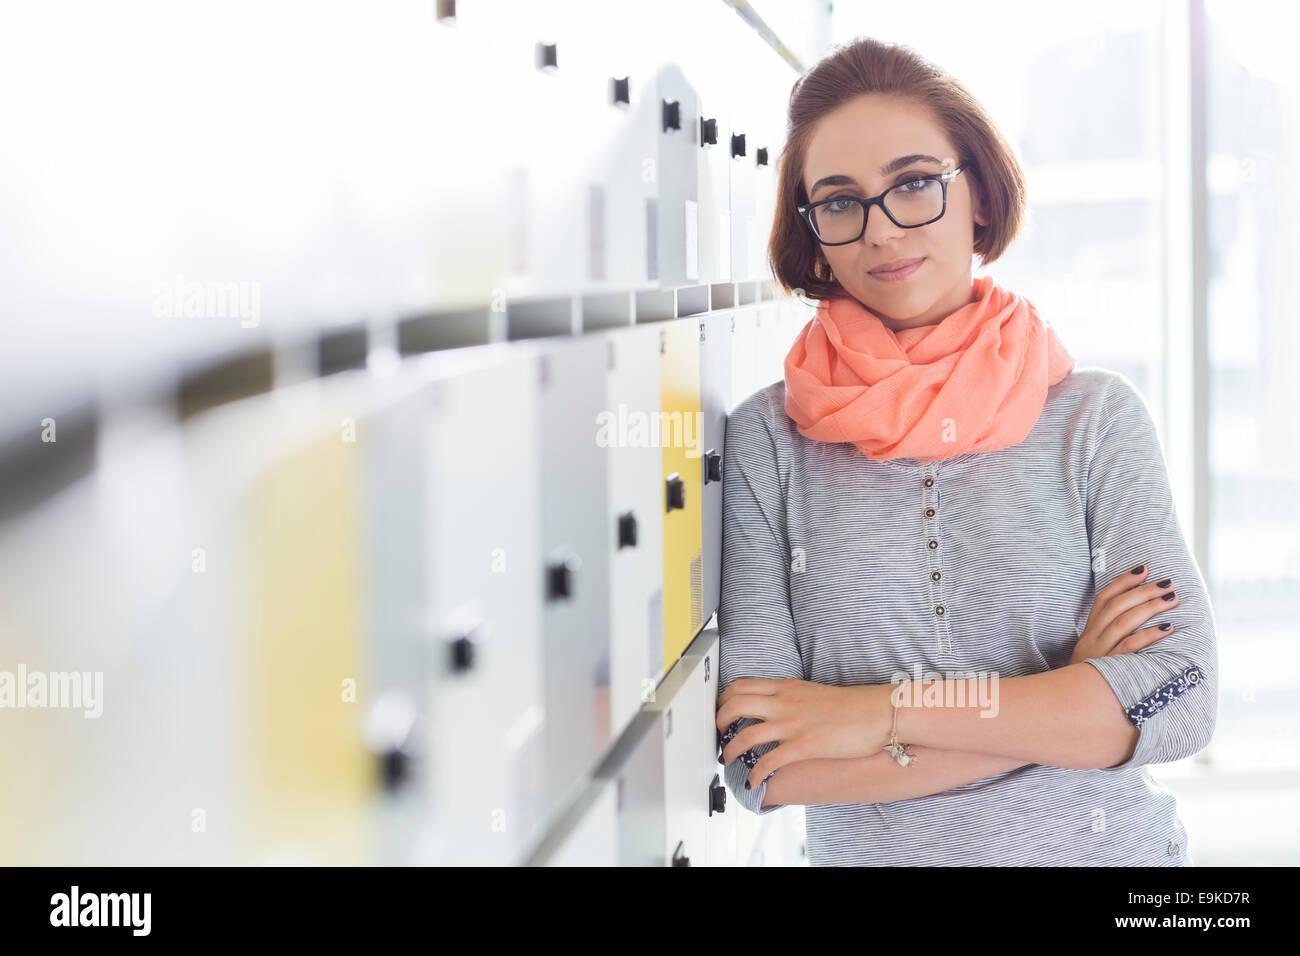 Ritratto di fiducioso imprenditrice in piedi con le braccia incrociate in spogliatoio presso il creative office Immagini Stock